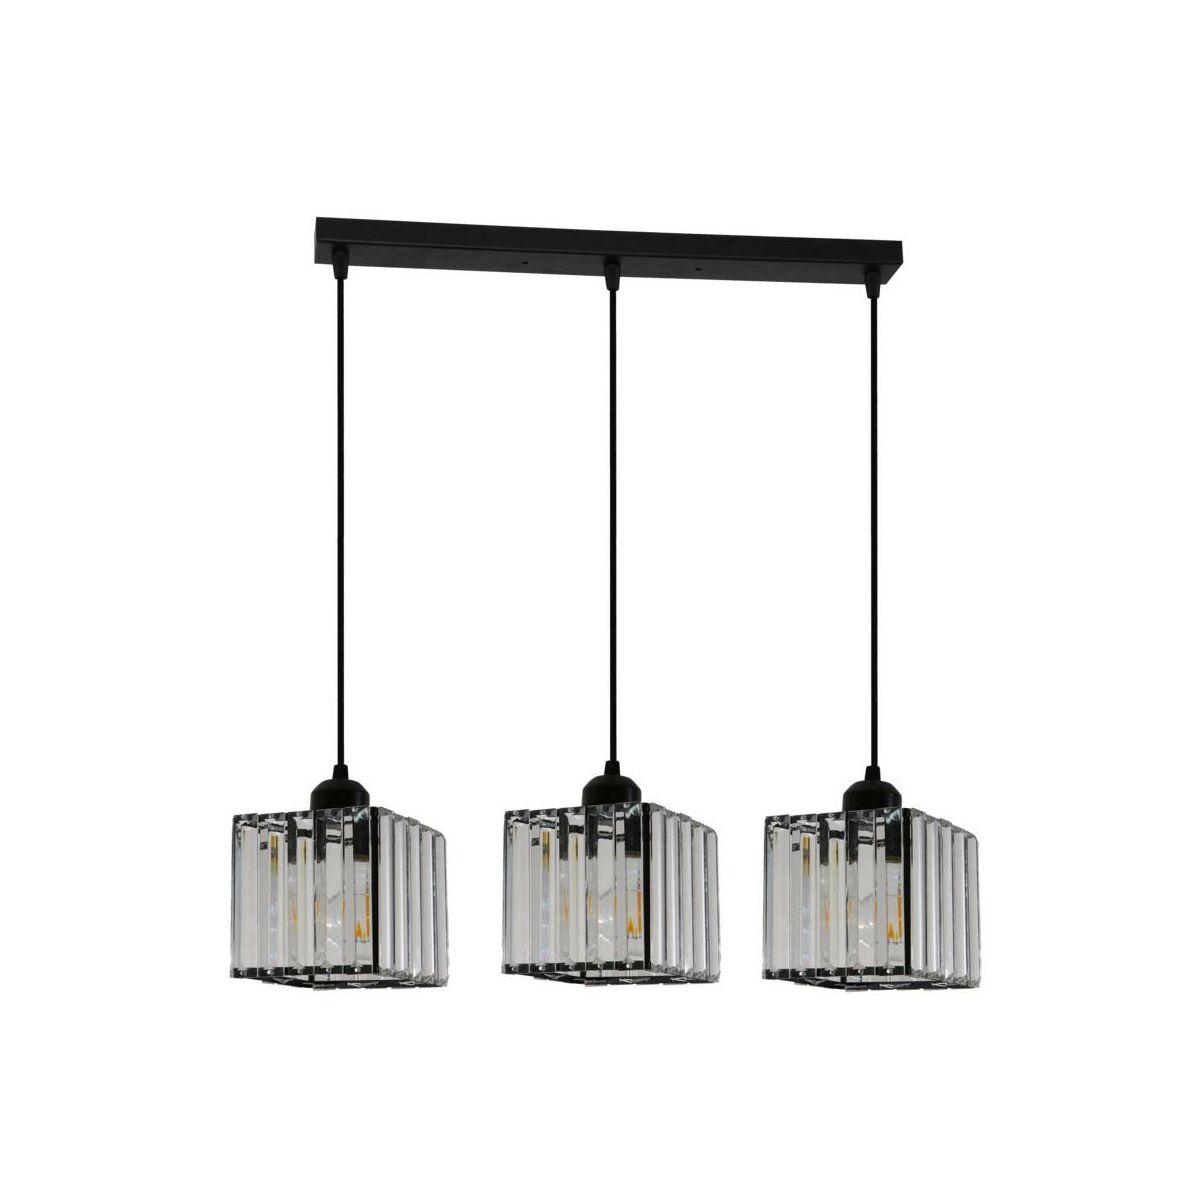 Lampa Wiszaca Galactico Czarna 3 X E27 Light Prestige Zyrandole Lampy Wiszace I Sufitowe W Atrakcyjnej Cenie W Sklepach Leroy Merlin